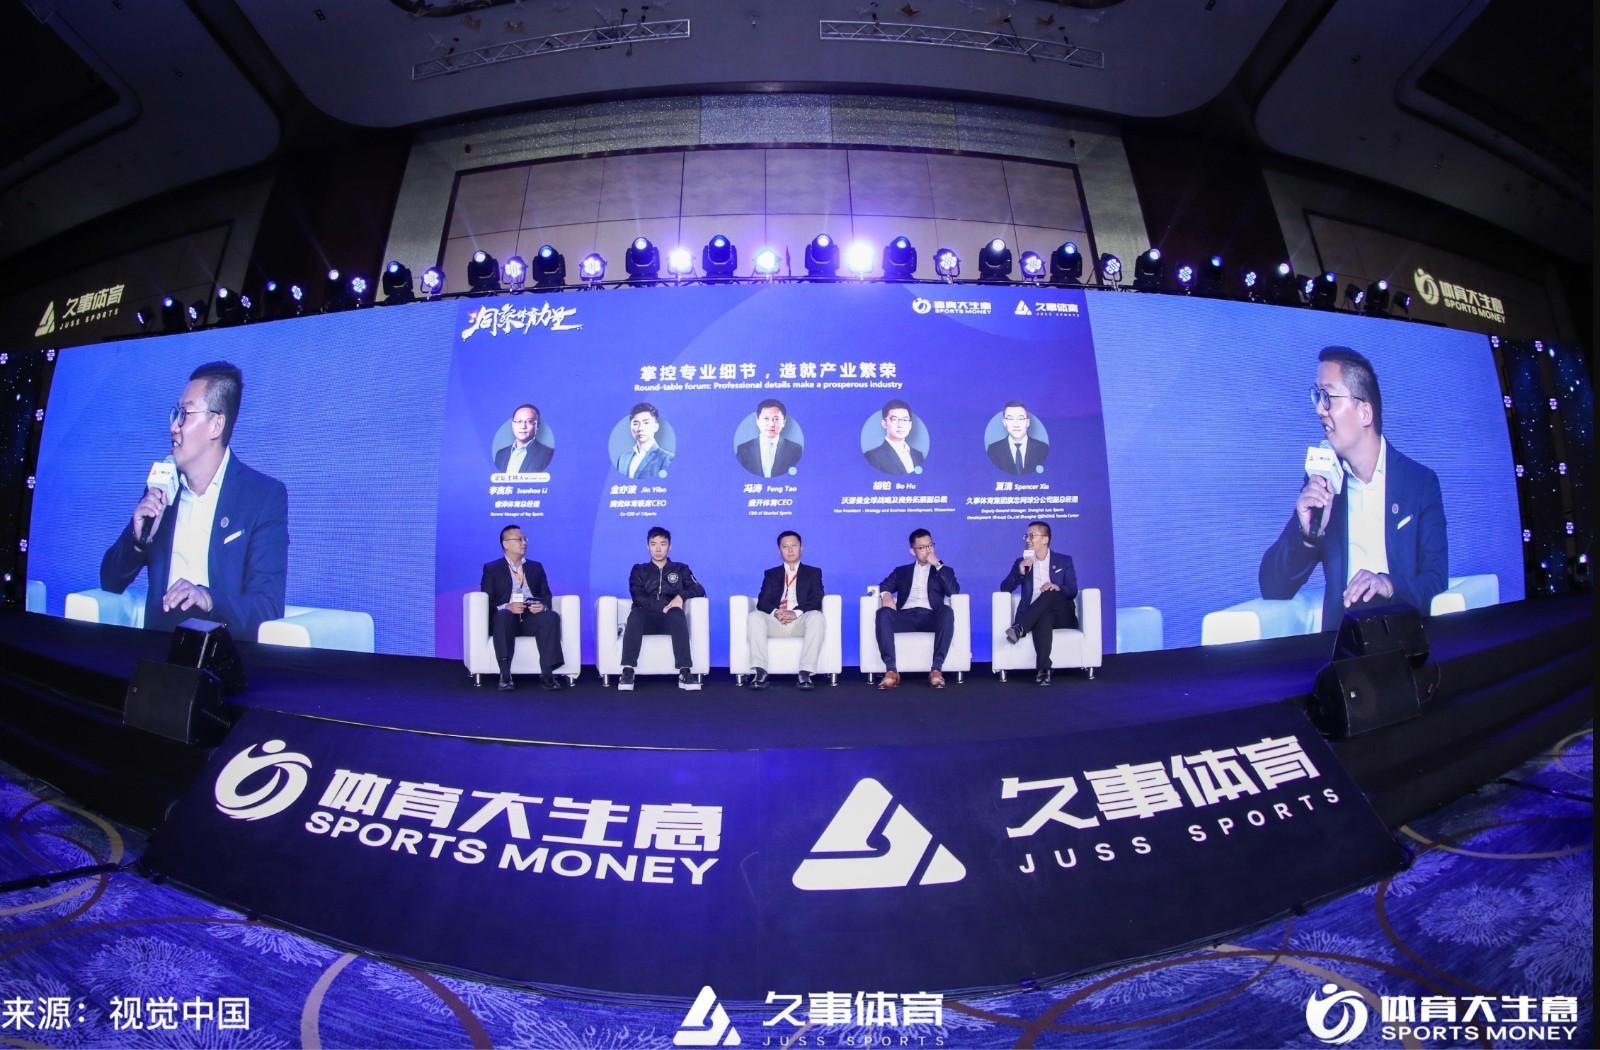 2019第四届体育营销峰会圆桌论坛:掌控专业细节,造就产业繁荣